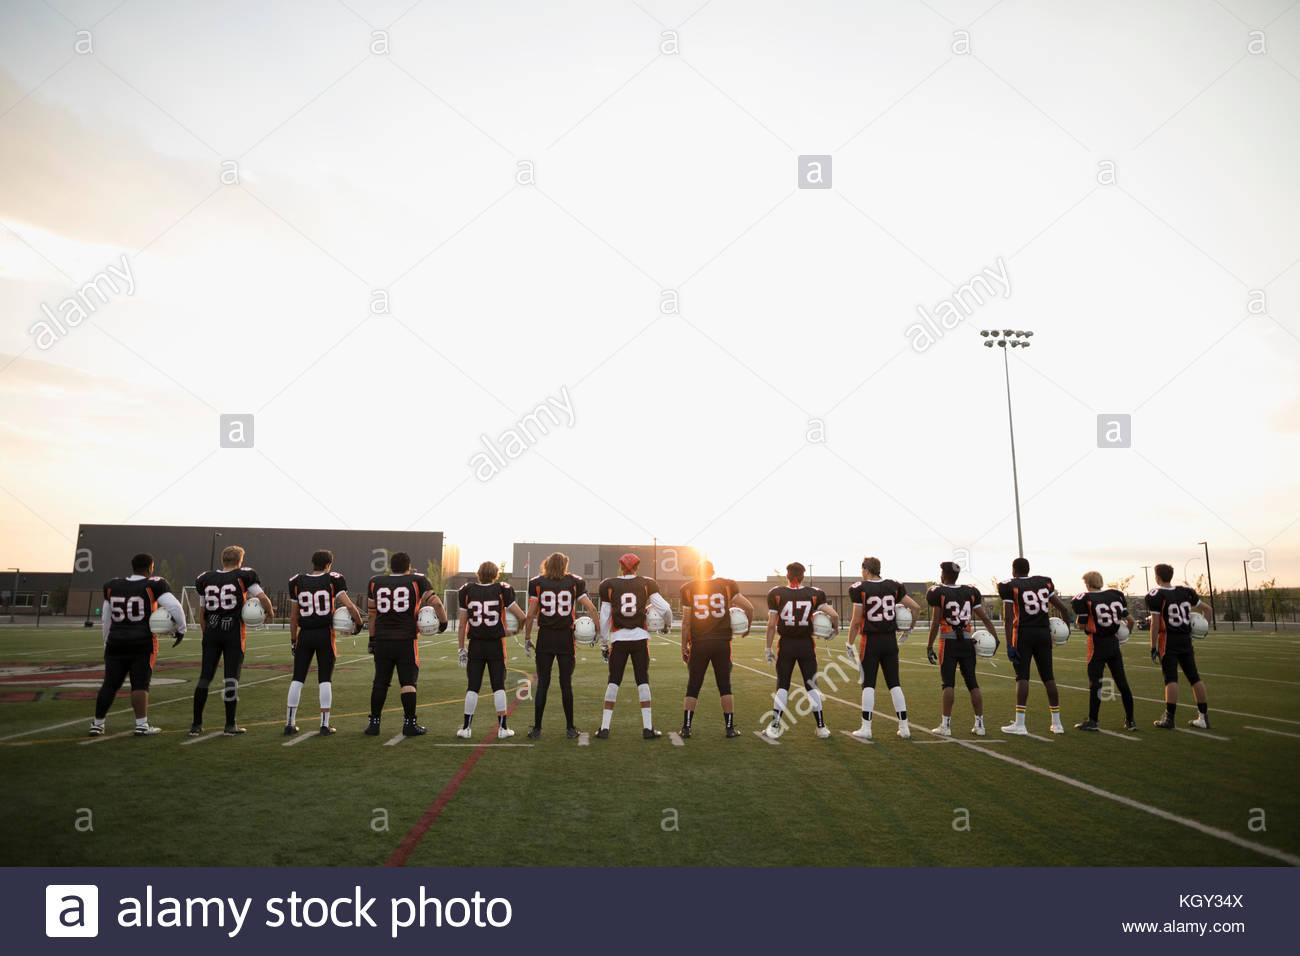 Vista posteriore del ragazzo adolescente di alta scuola calcio squadra in piedi in fila su di un campo da calcio Immagini Stock